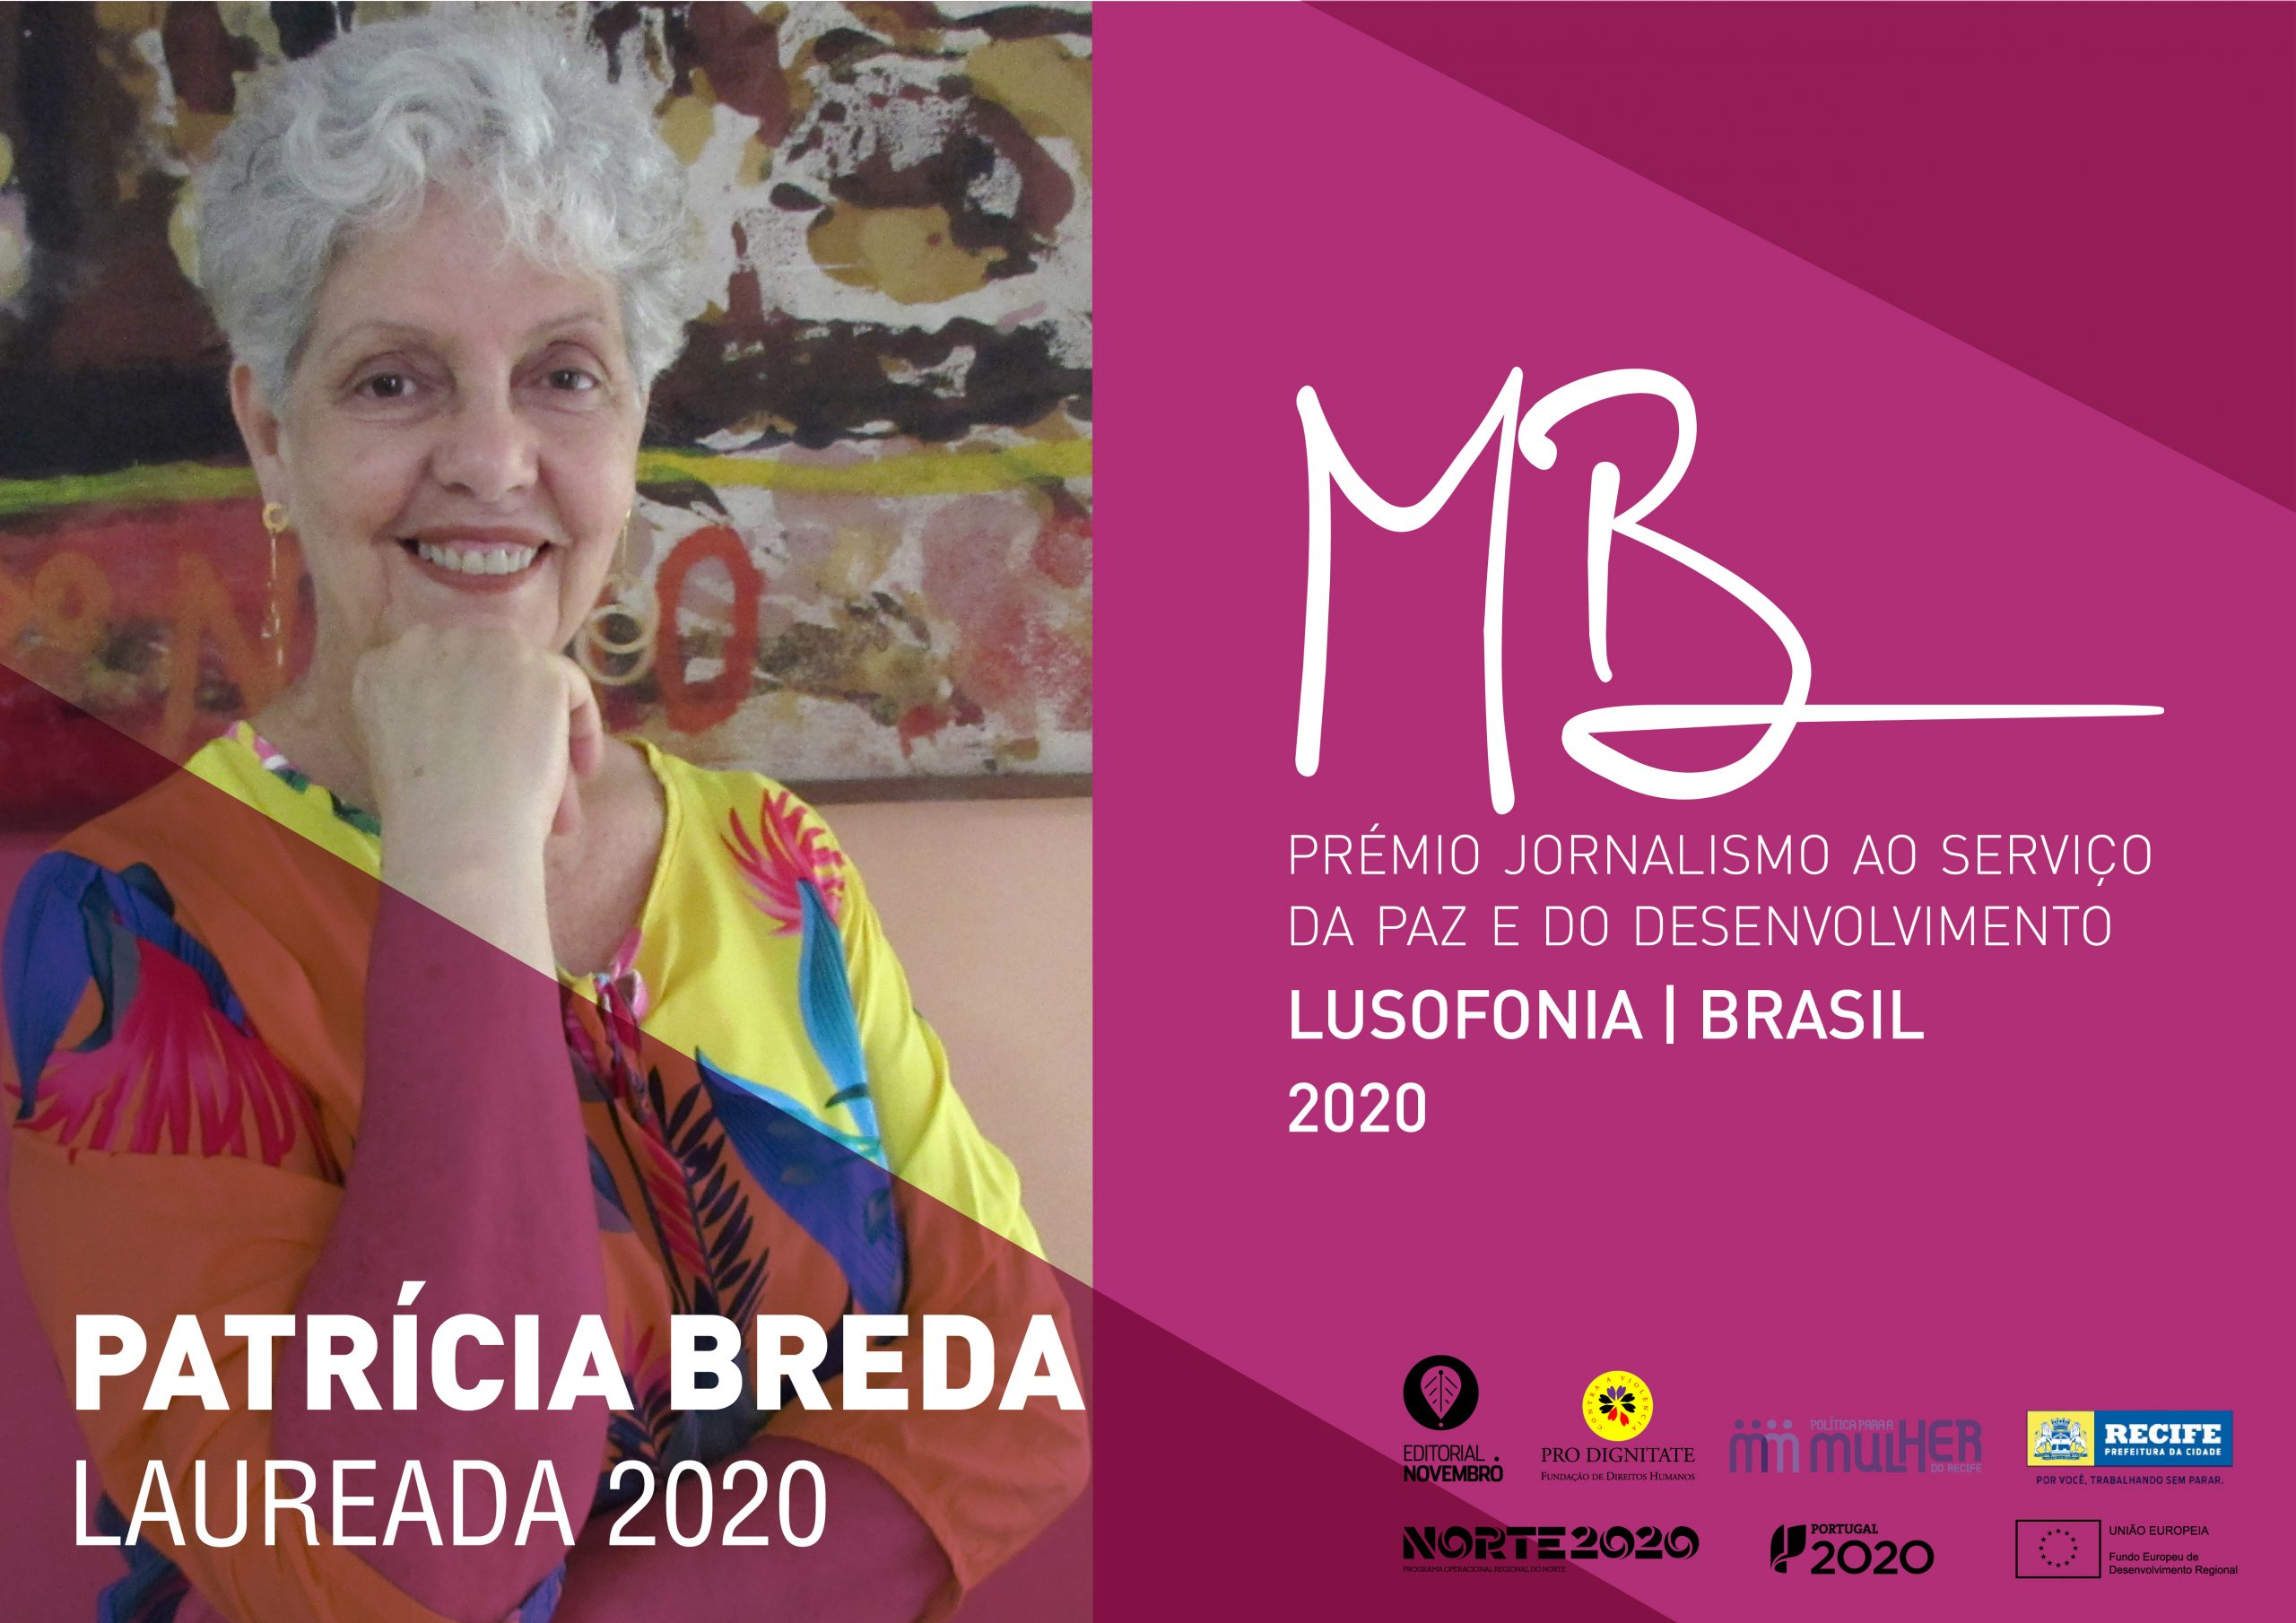 Prémio MARIA BARROSO, PRÉMIO JORNALISMO AO SERVIÇO DA PAZ E DO DESENVOLVIMENTO.